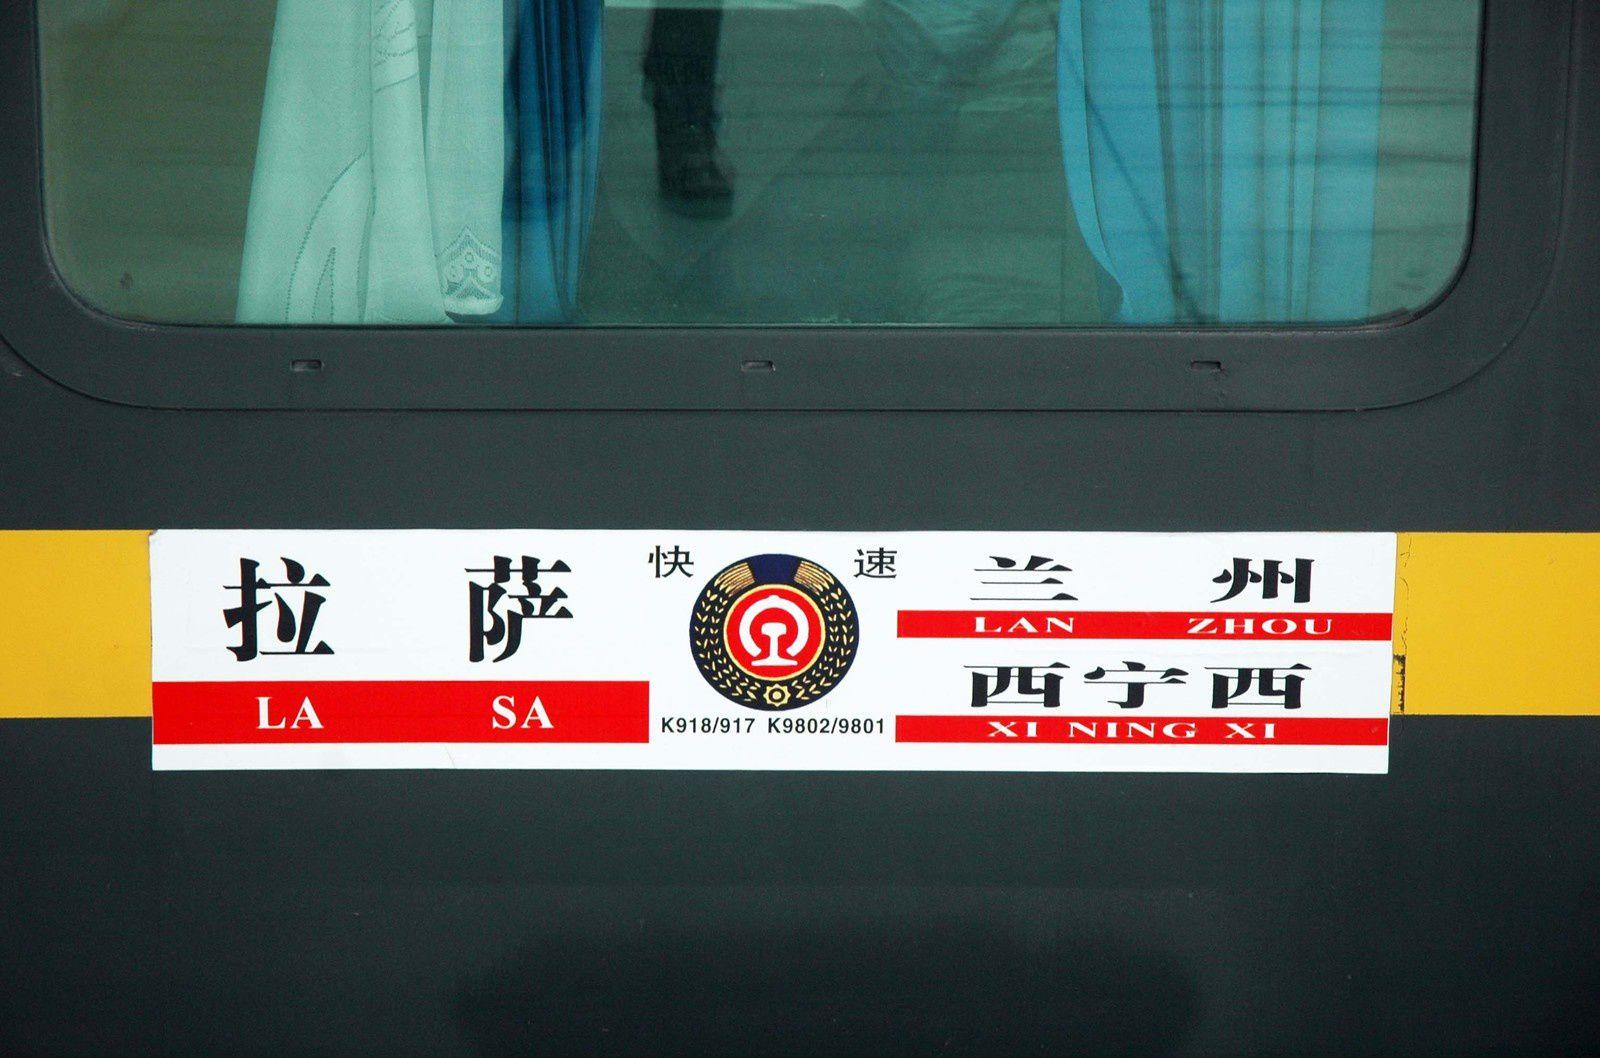 Vers le Toit du monde, en chevauchant le Dragon de fer - 雪域铁龙青藏铁路